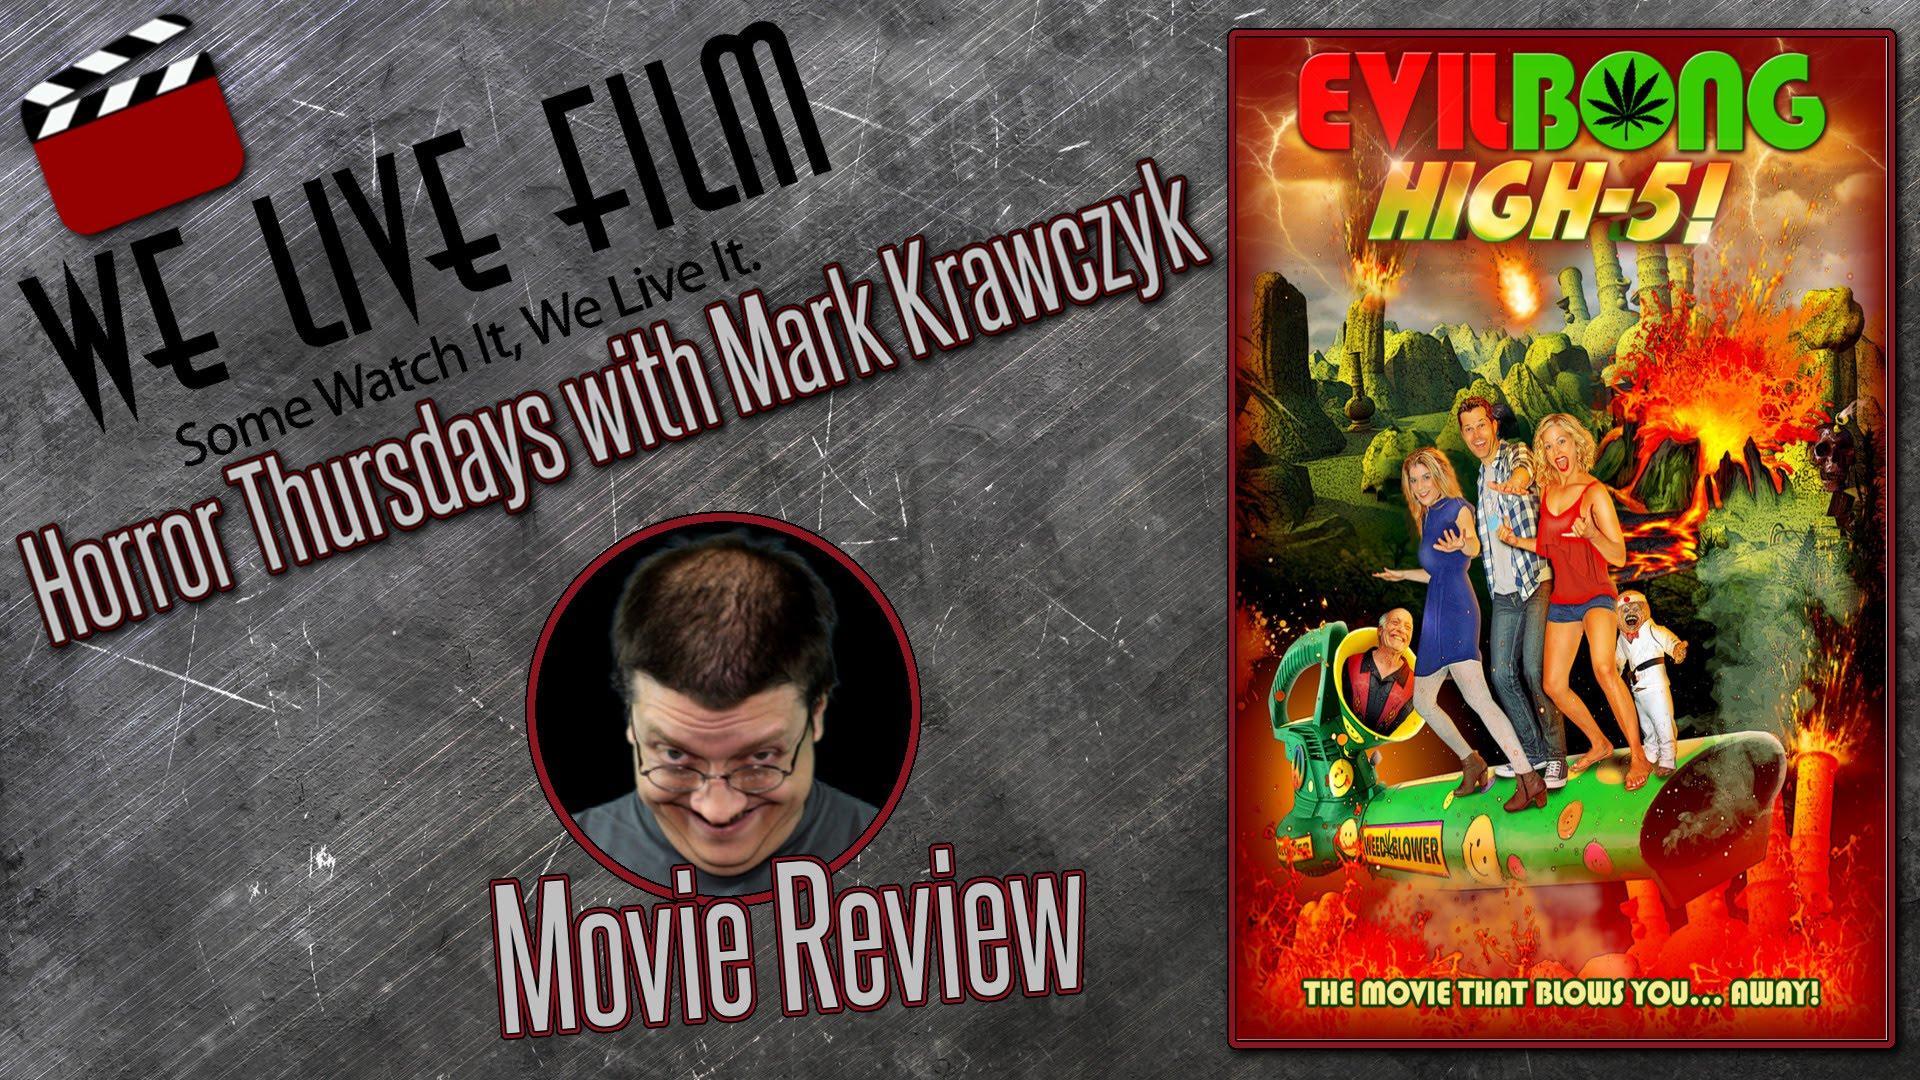 Evil Bong High 5 Movie Review on Horror Thursdays